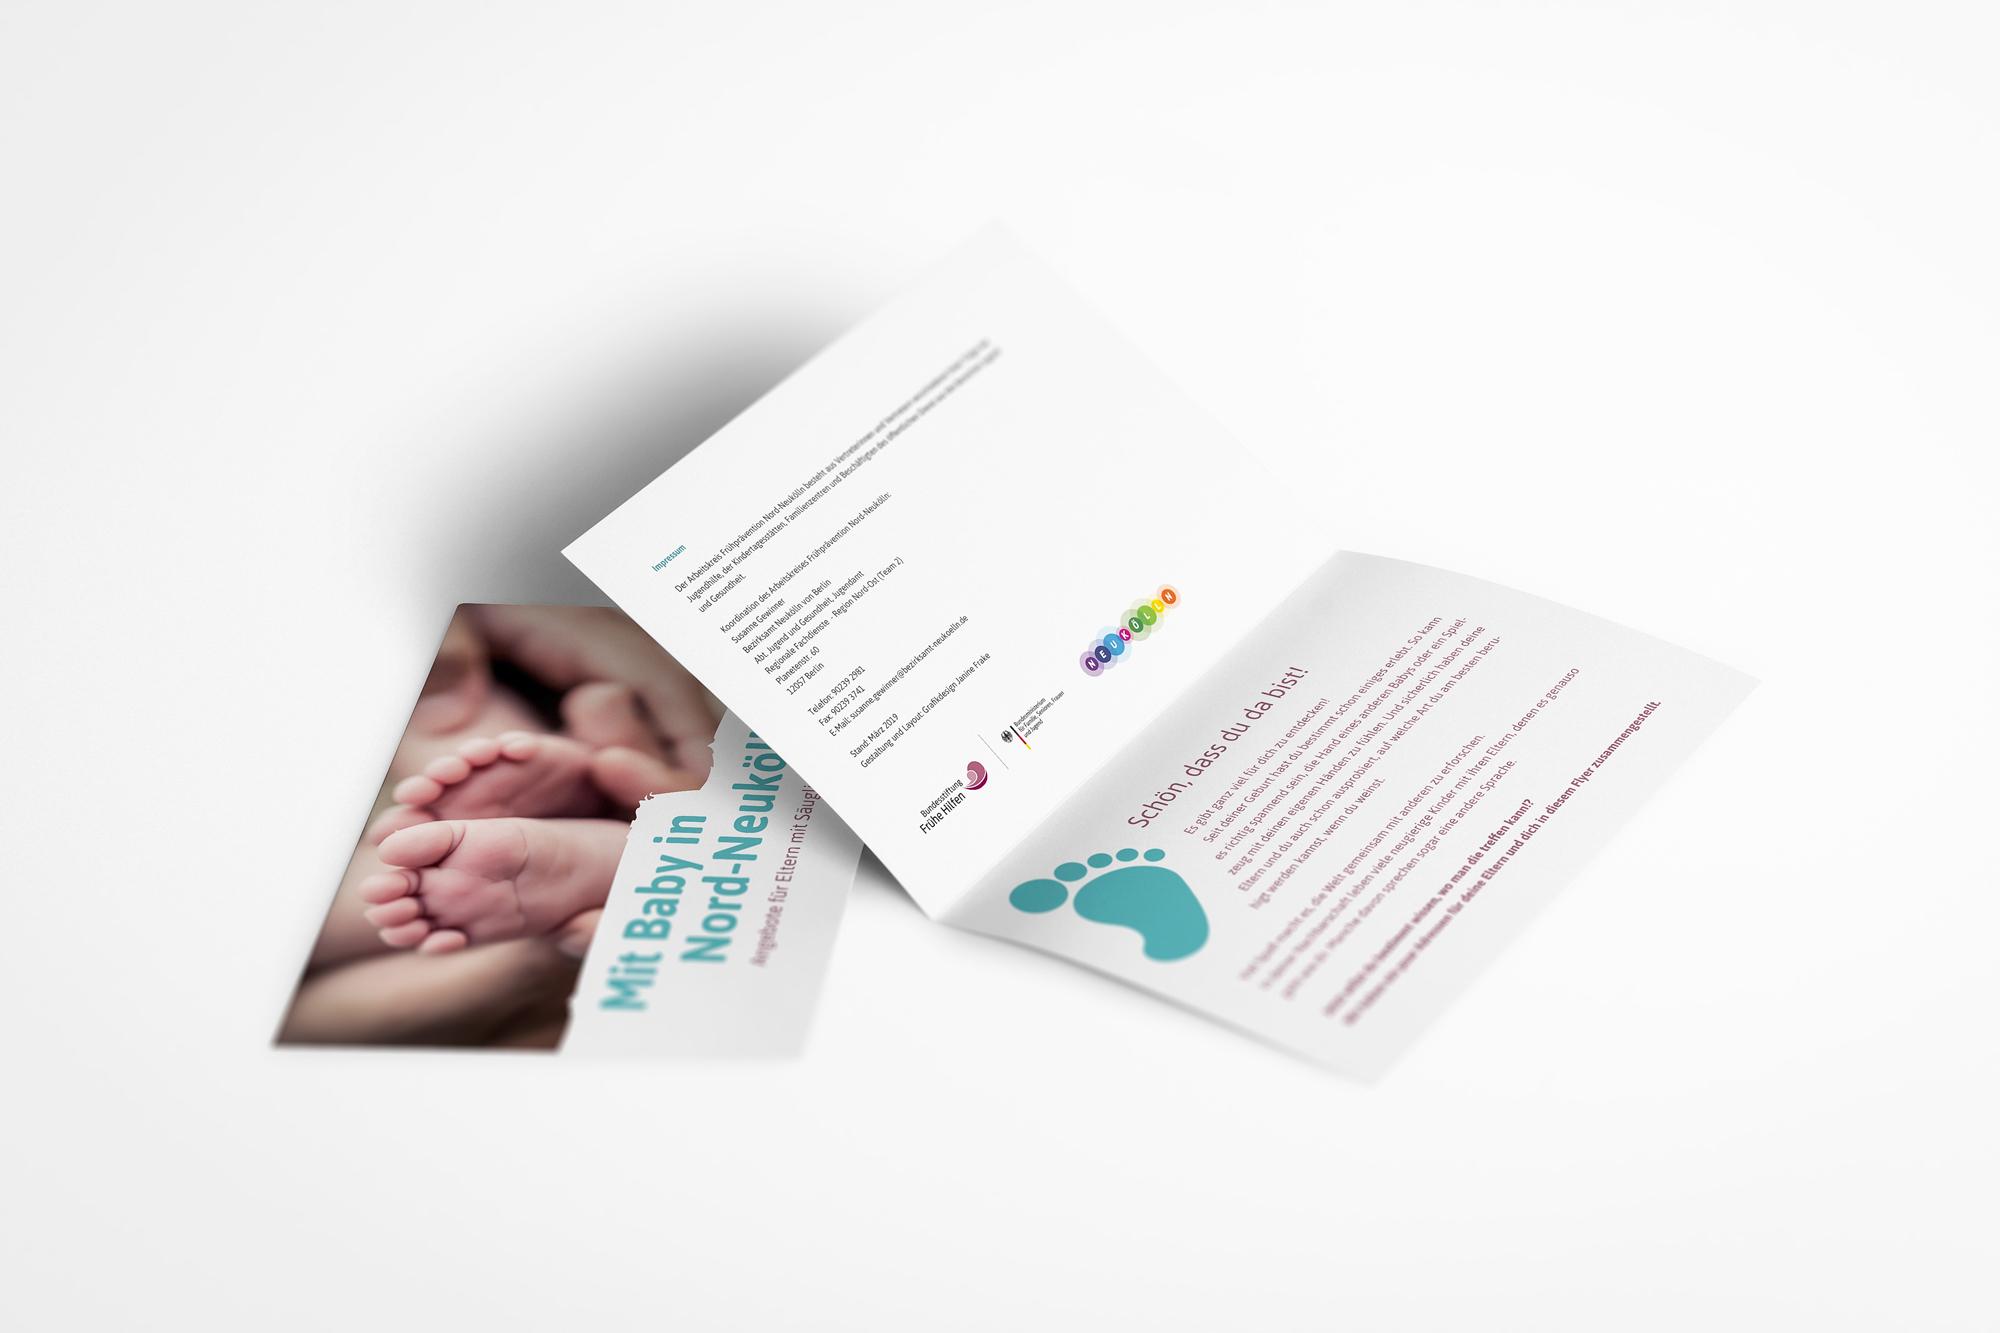 Faltflyer - Mit Baby in Neukölln - Bezirksamt Neukölln - Gestaltung für Print und Web - Grafikdesign Janine Frake